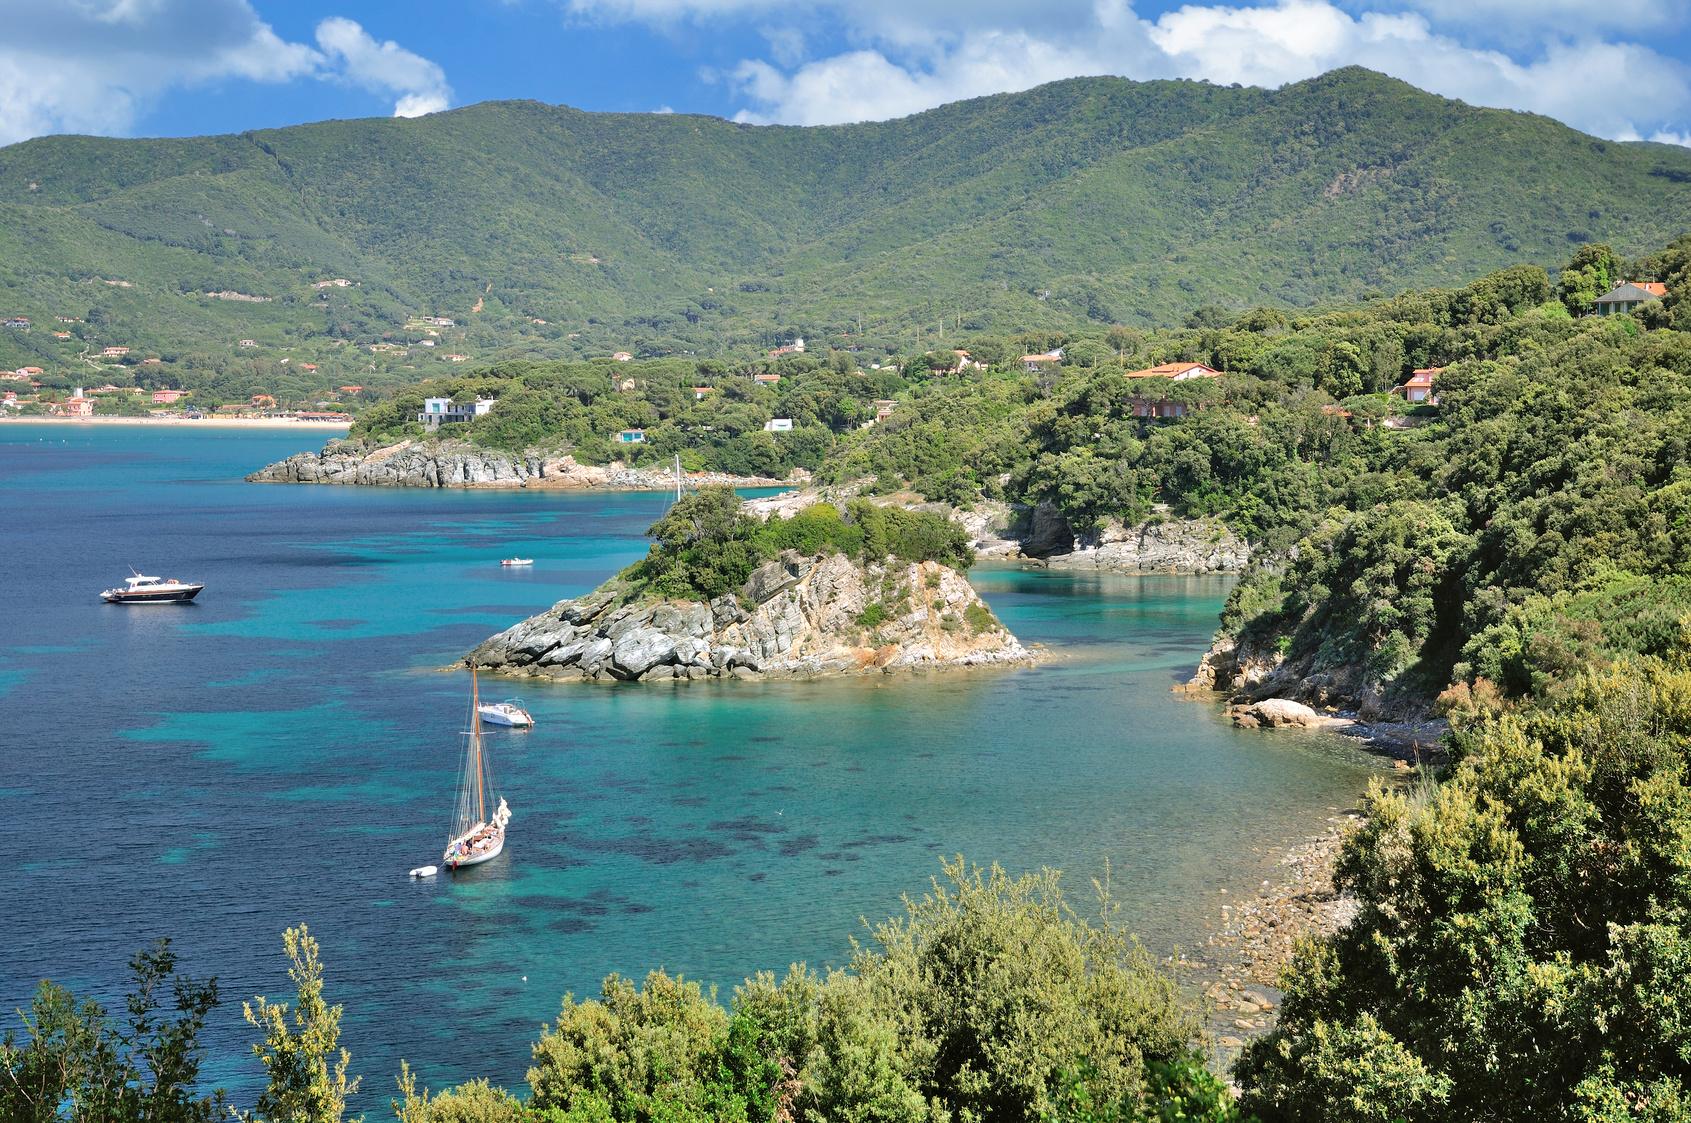 Küstenlandschaft auf Elba nahe Marina di Campo mit der Badeinsel von Pauline,Napoleons Schwester,Toskana,Mittelmeer,Italien